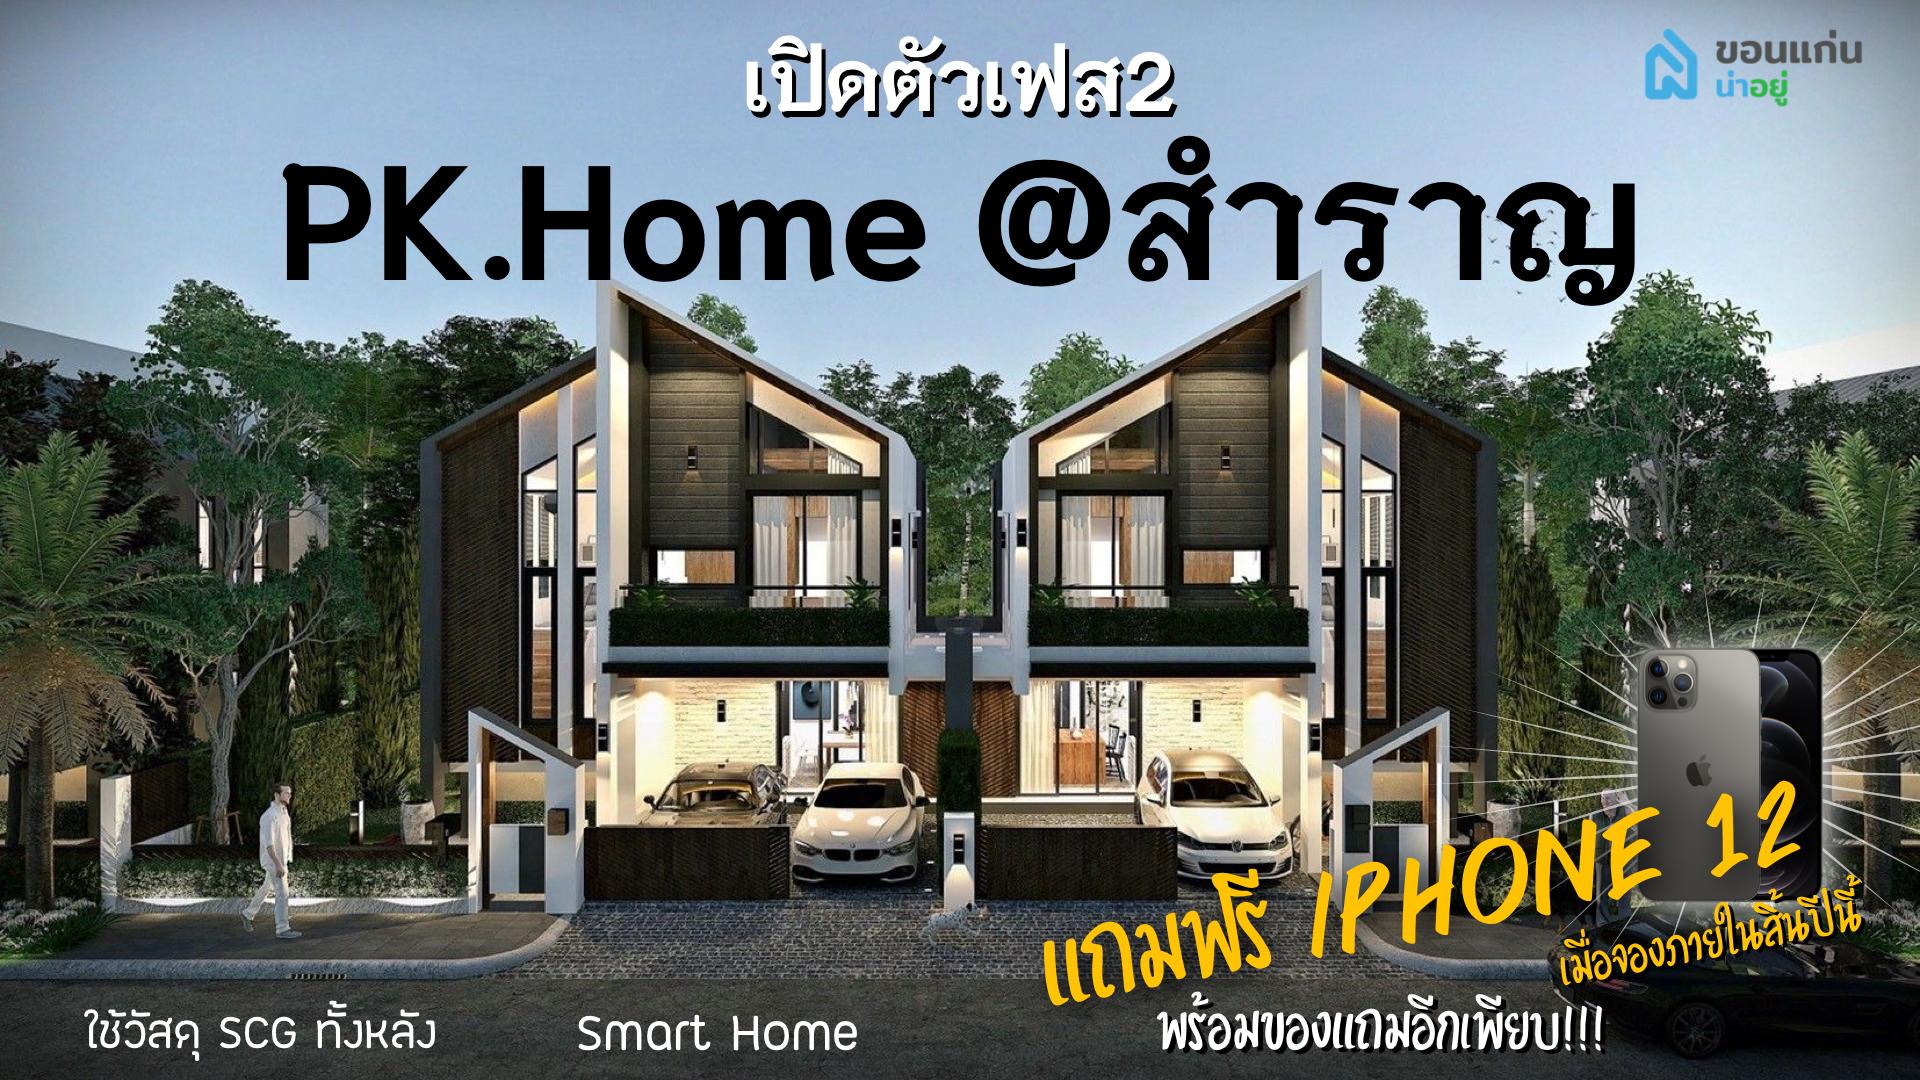 เปิดตัว เฟส2 หมู่บ้าน PK.Home @สำราญ